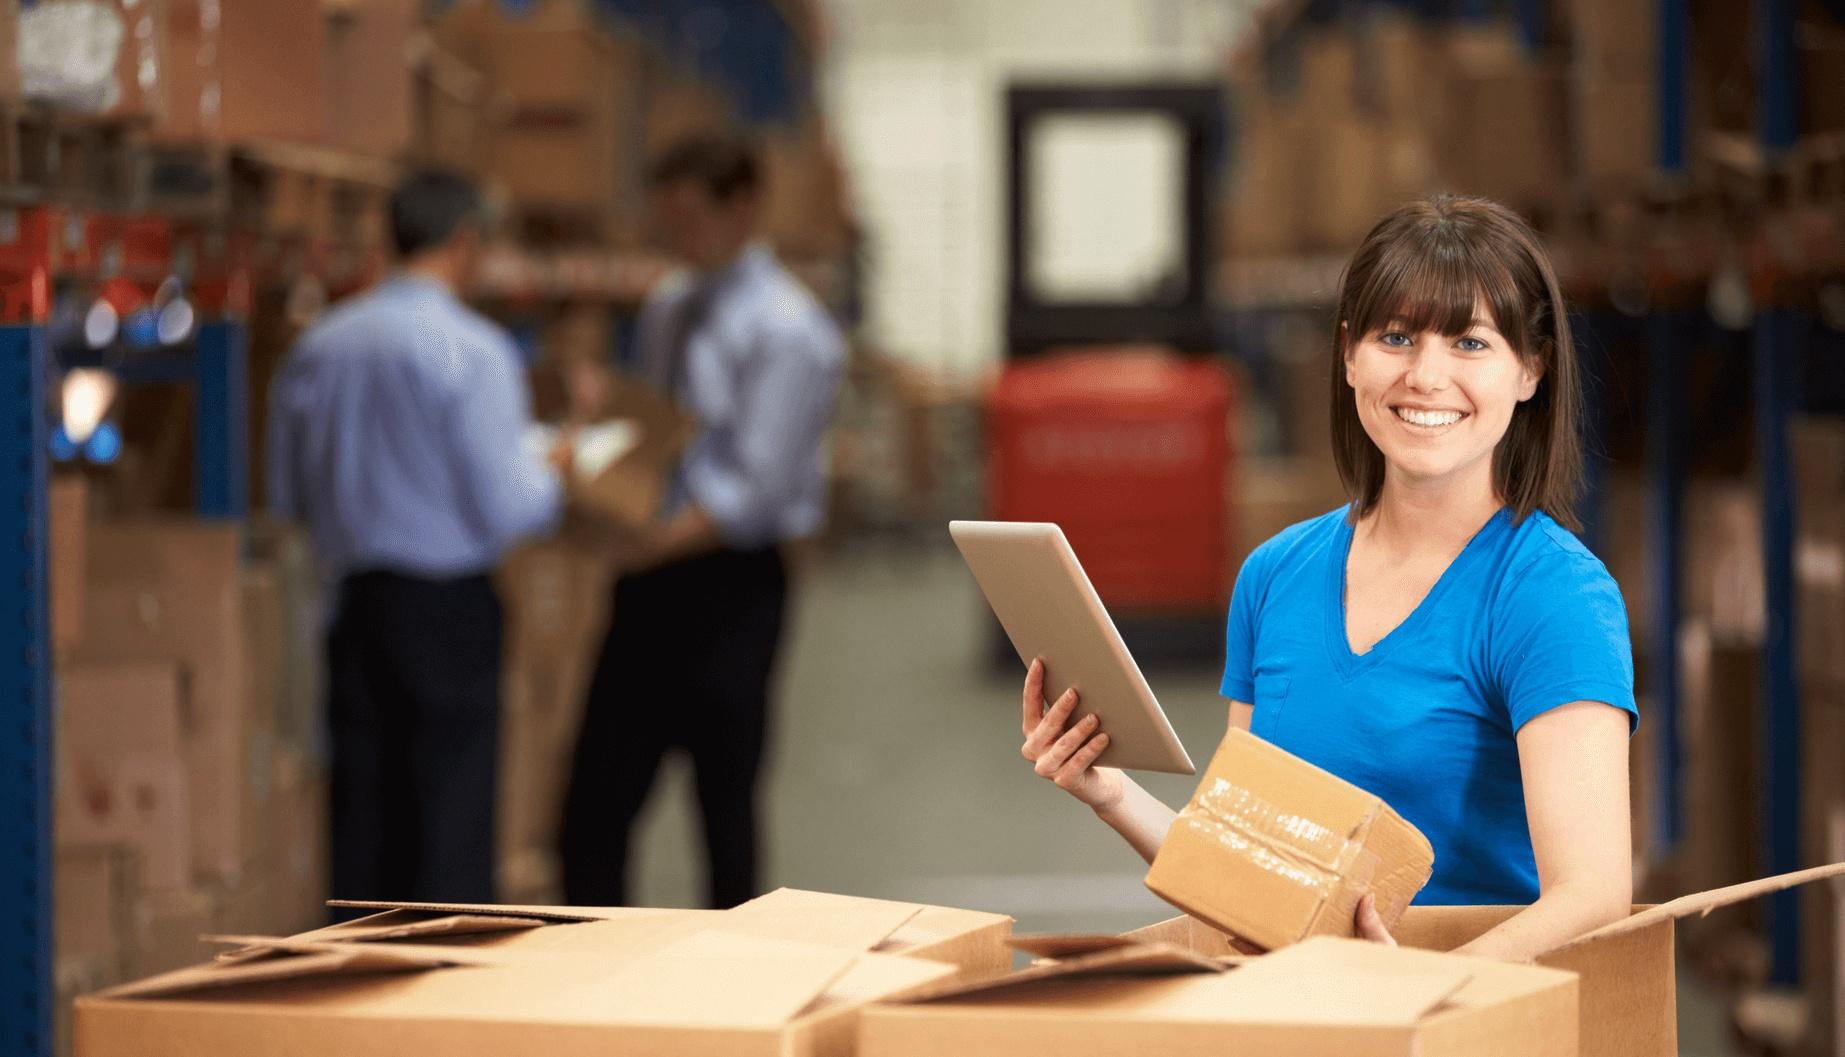 Вътреобщностни доставки на стоки (ВОД) - какво е нужно да знаете